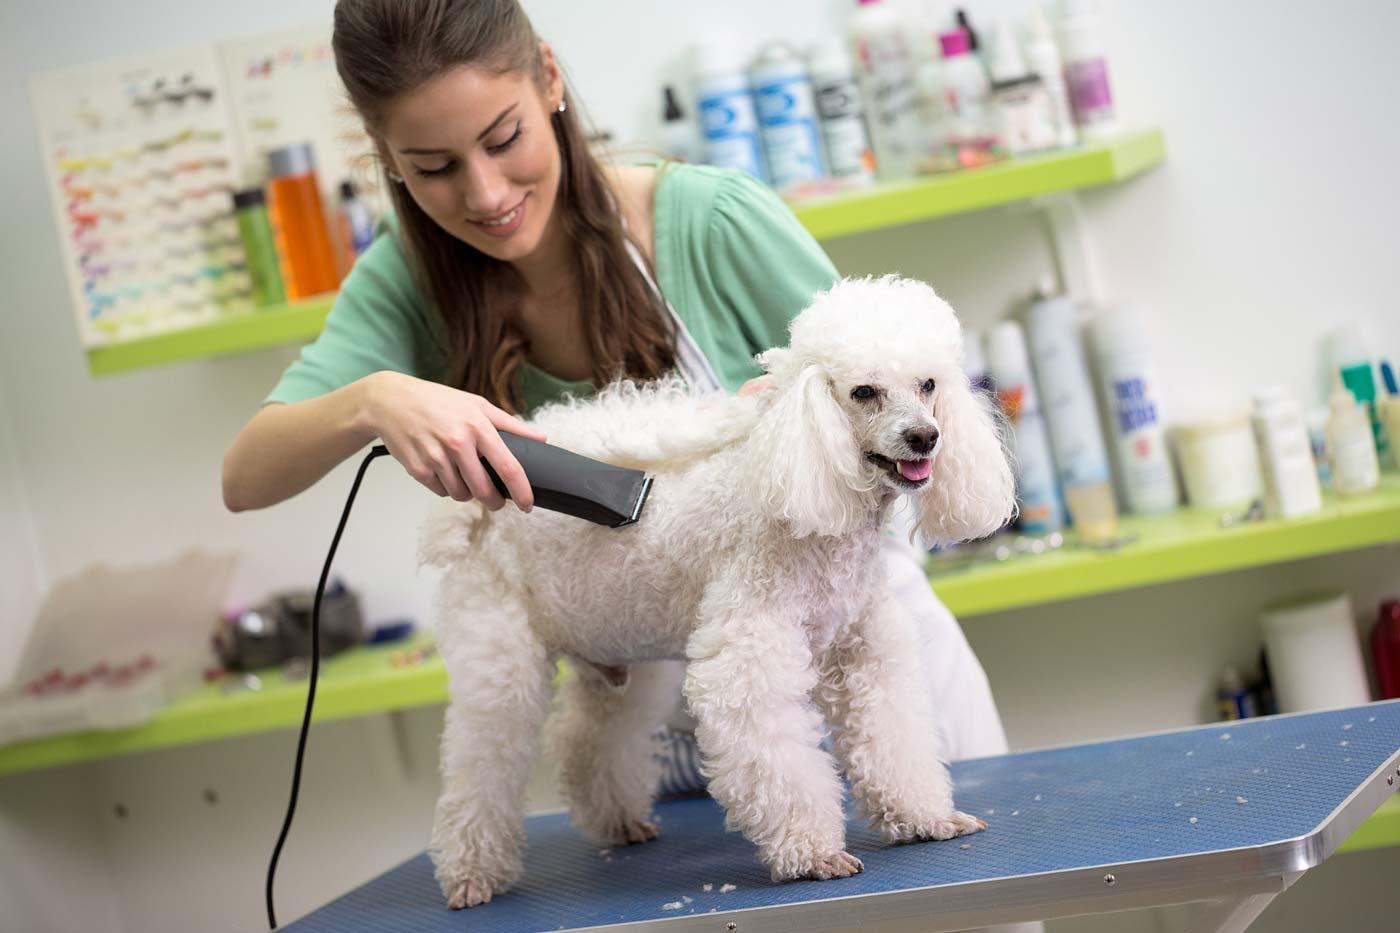 Профессия - грумер: мастер стрижек для кошек и собак рассказала о своей работе. профессия: как называется парикмахер для собак и кошек